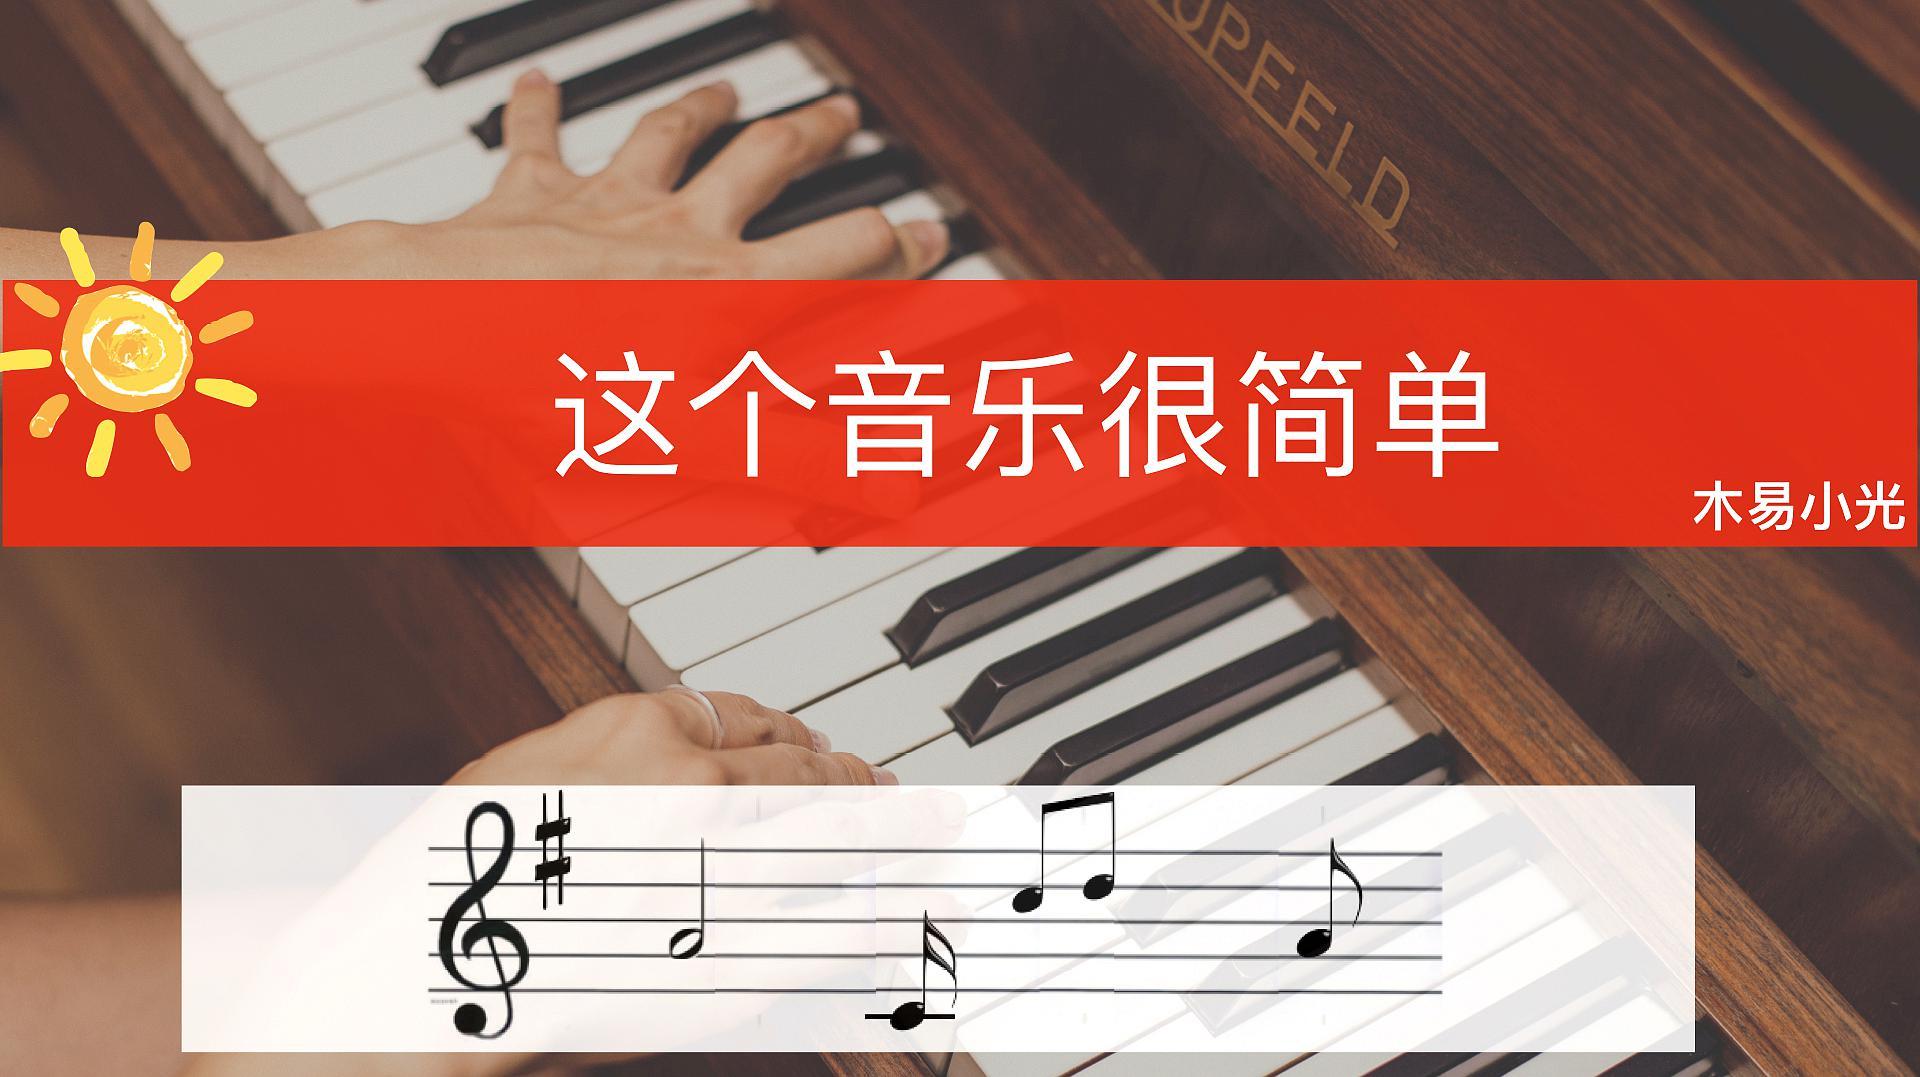 伴奏中和弦的小技巧,和弦只要加2,会出现另一种风格